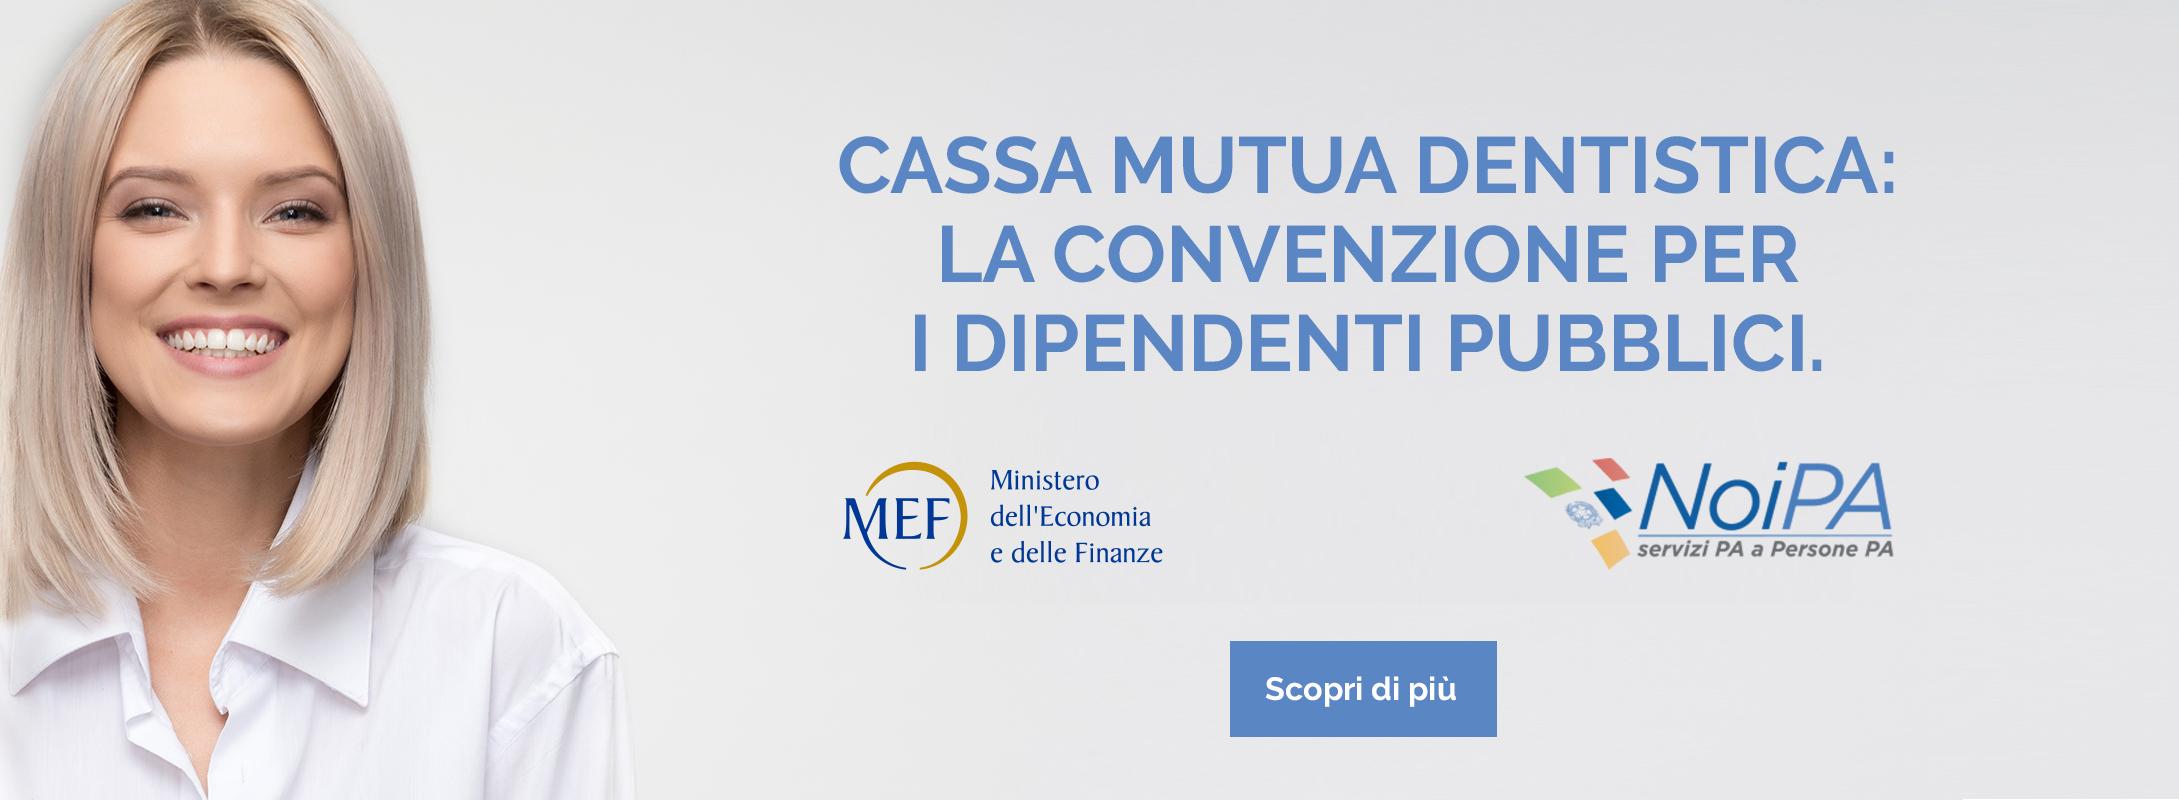 convenzione-dipendenti-pubblici3